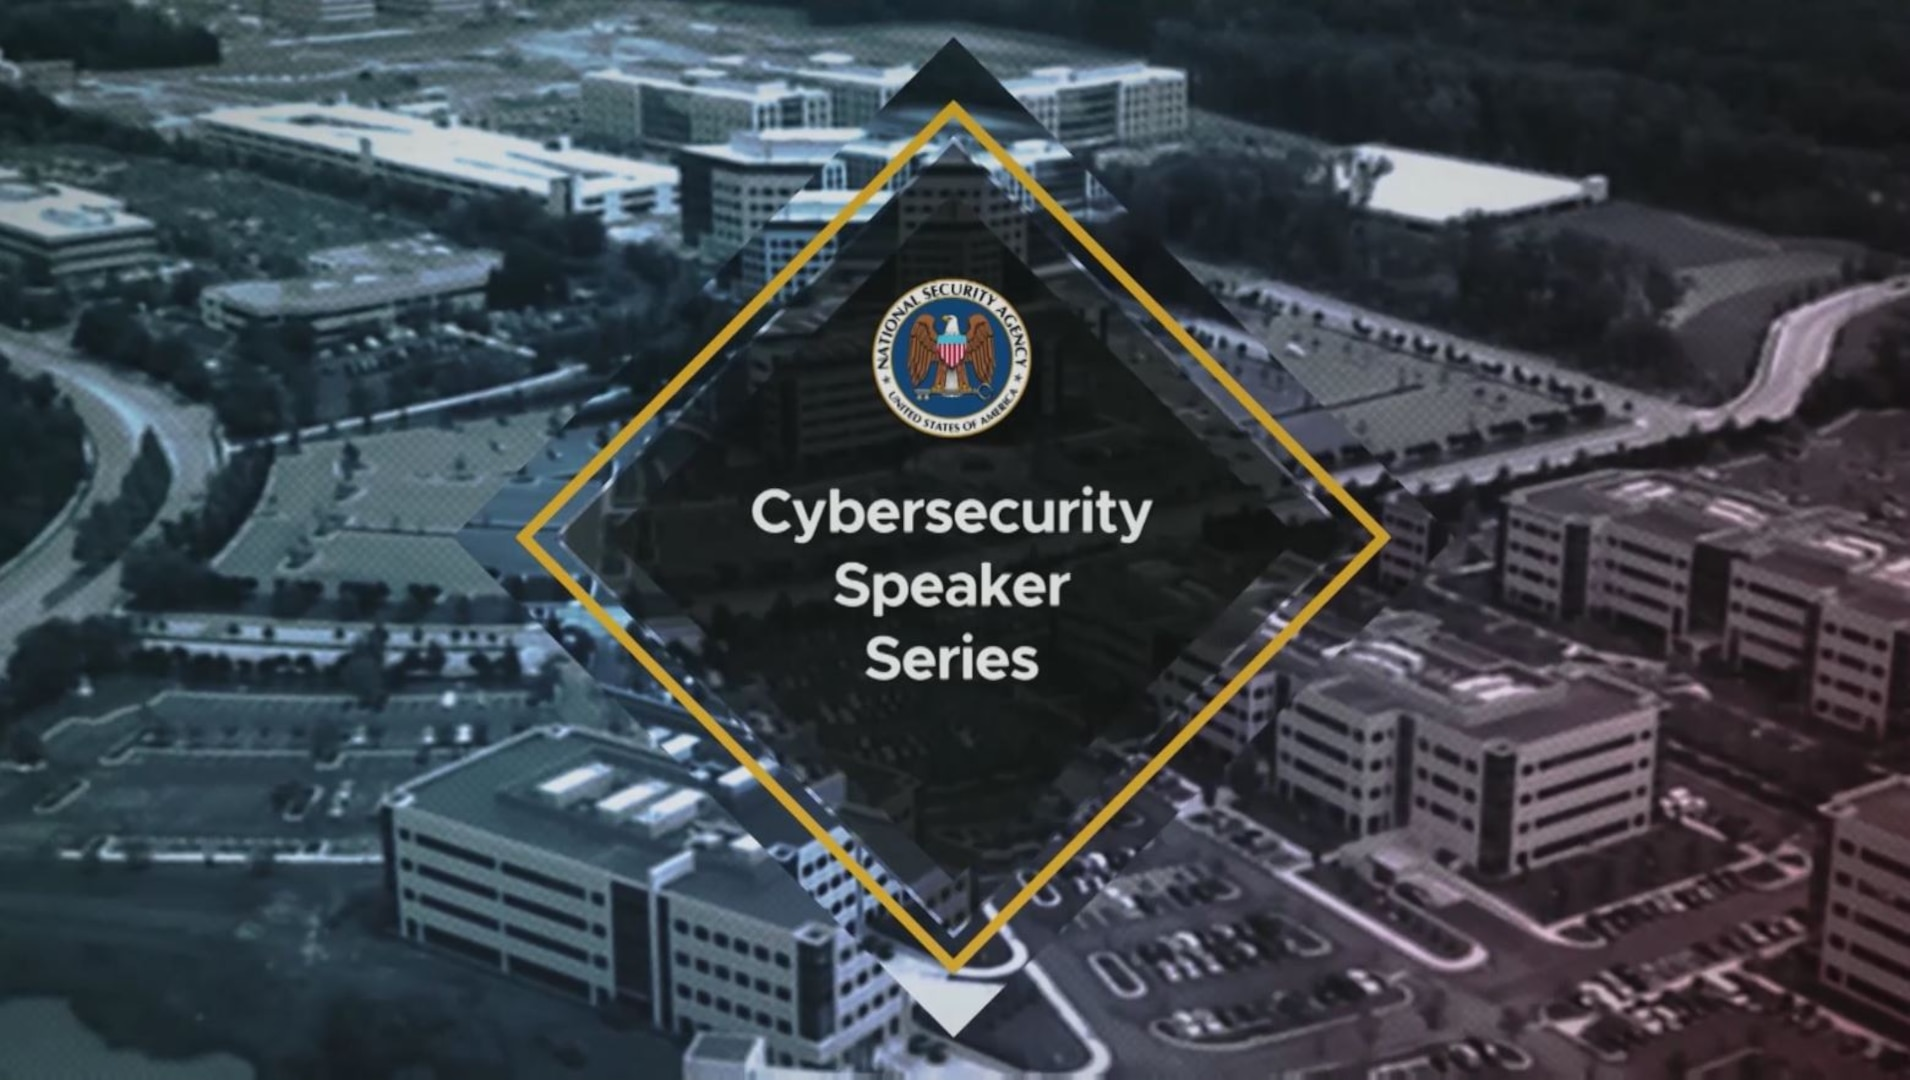 Cybersecurity Speaker Series